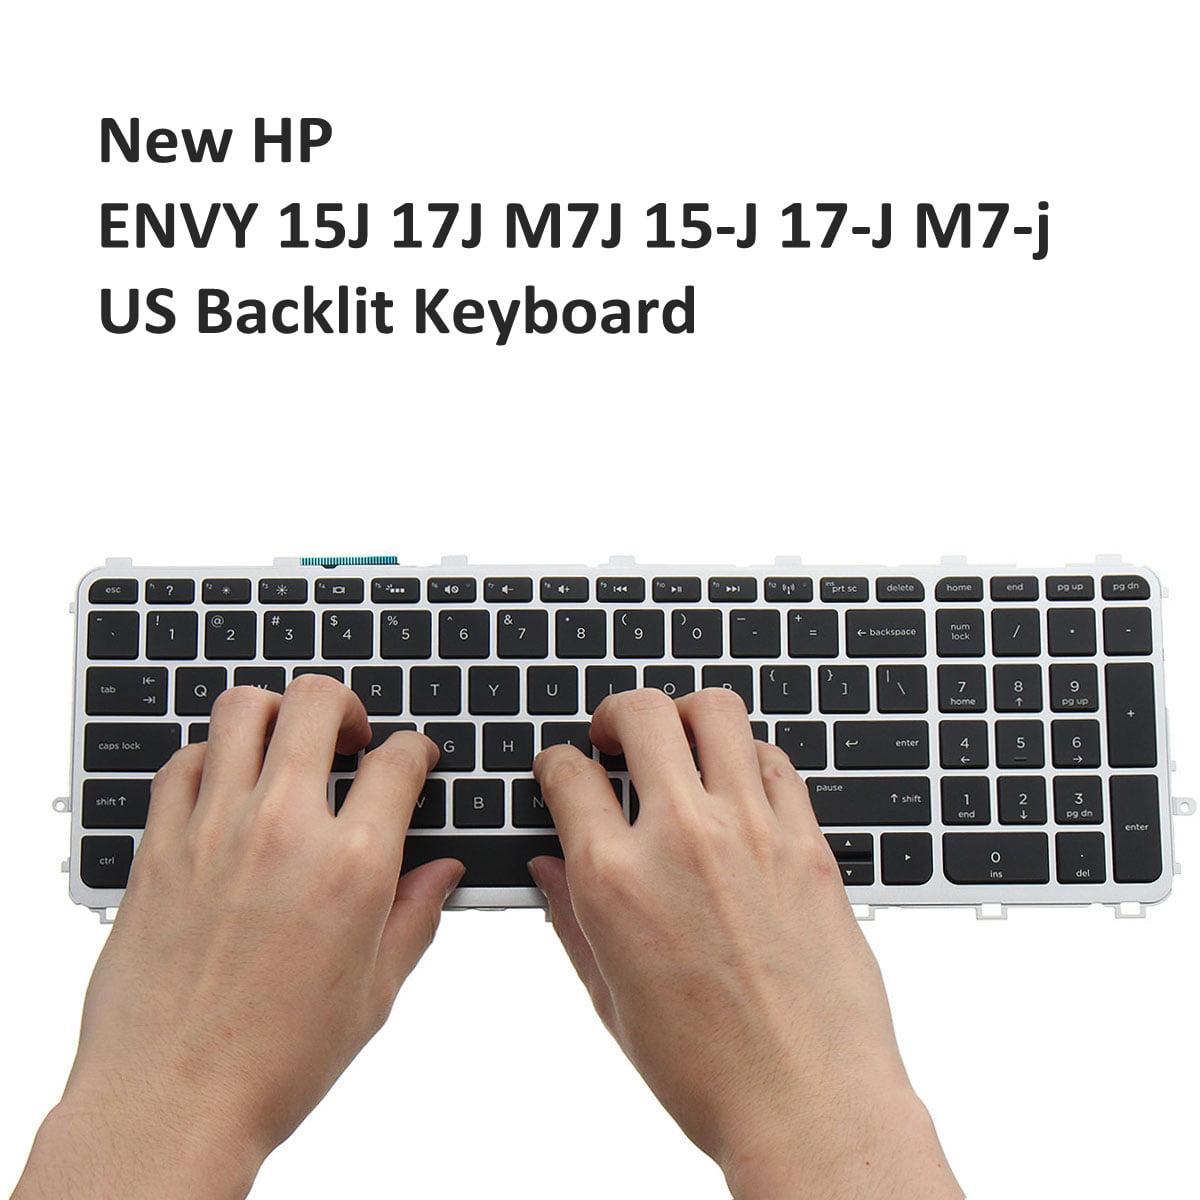 US Backlit Keyboard 720244-001 736685-001 FOR HP ENVY 15J 17J M7J backlitkeyboard 15-J 17-J M7-J